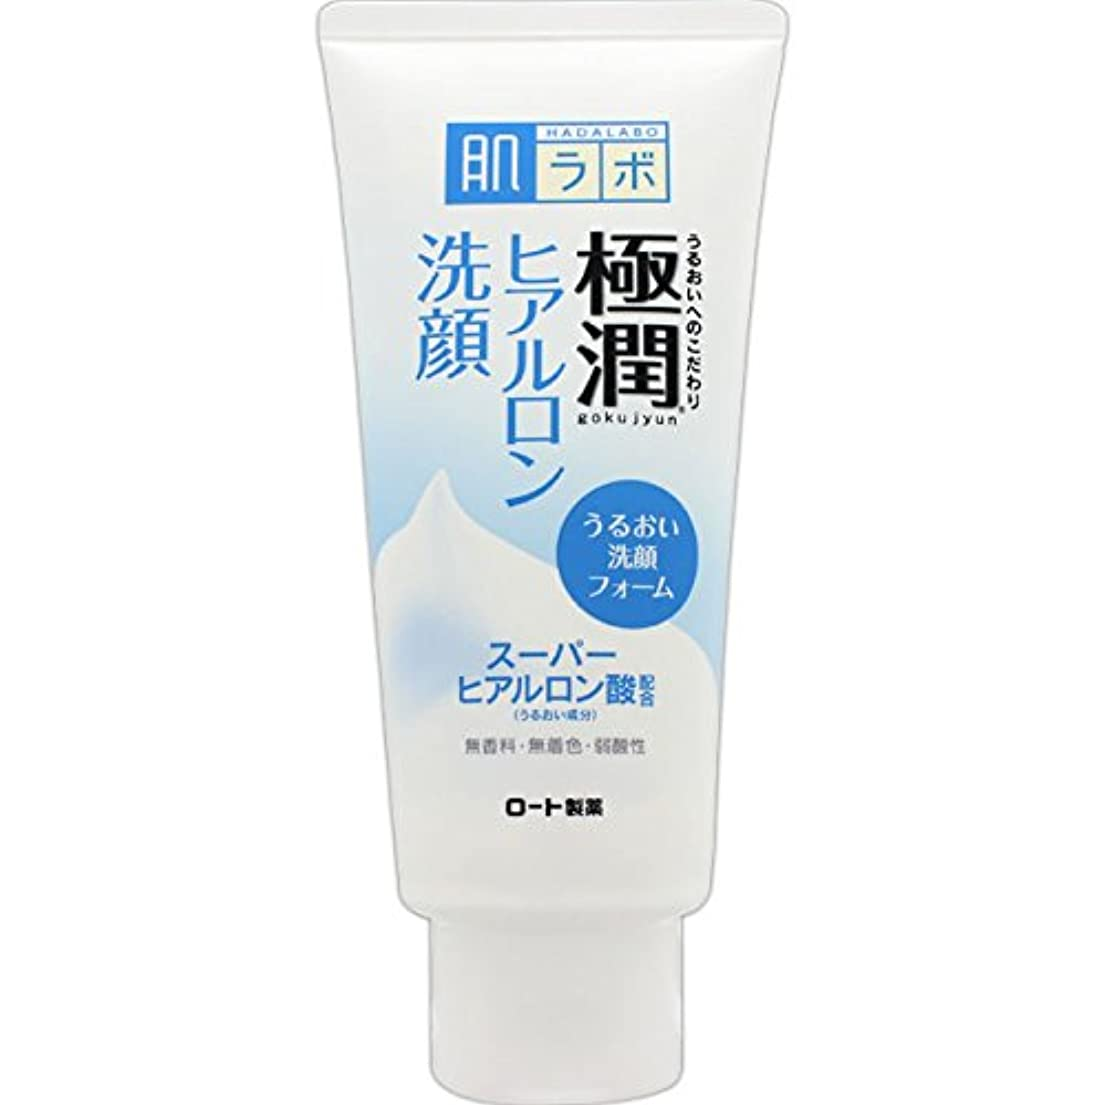 エトナ山刃星肌ラボ 極潤 ヒアルロン洗顔フォーム スーパーヒアルロン酸&吸着型ヒアルロン酸をW配合 100g